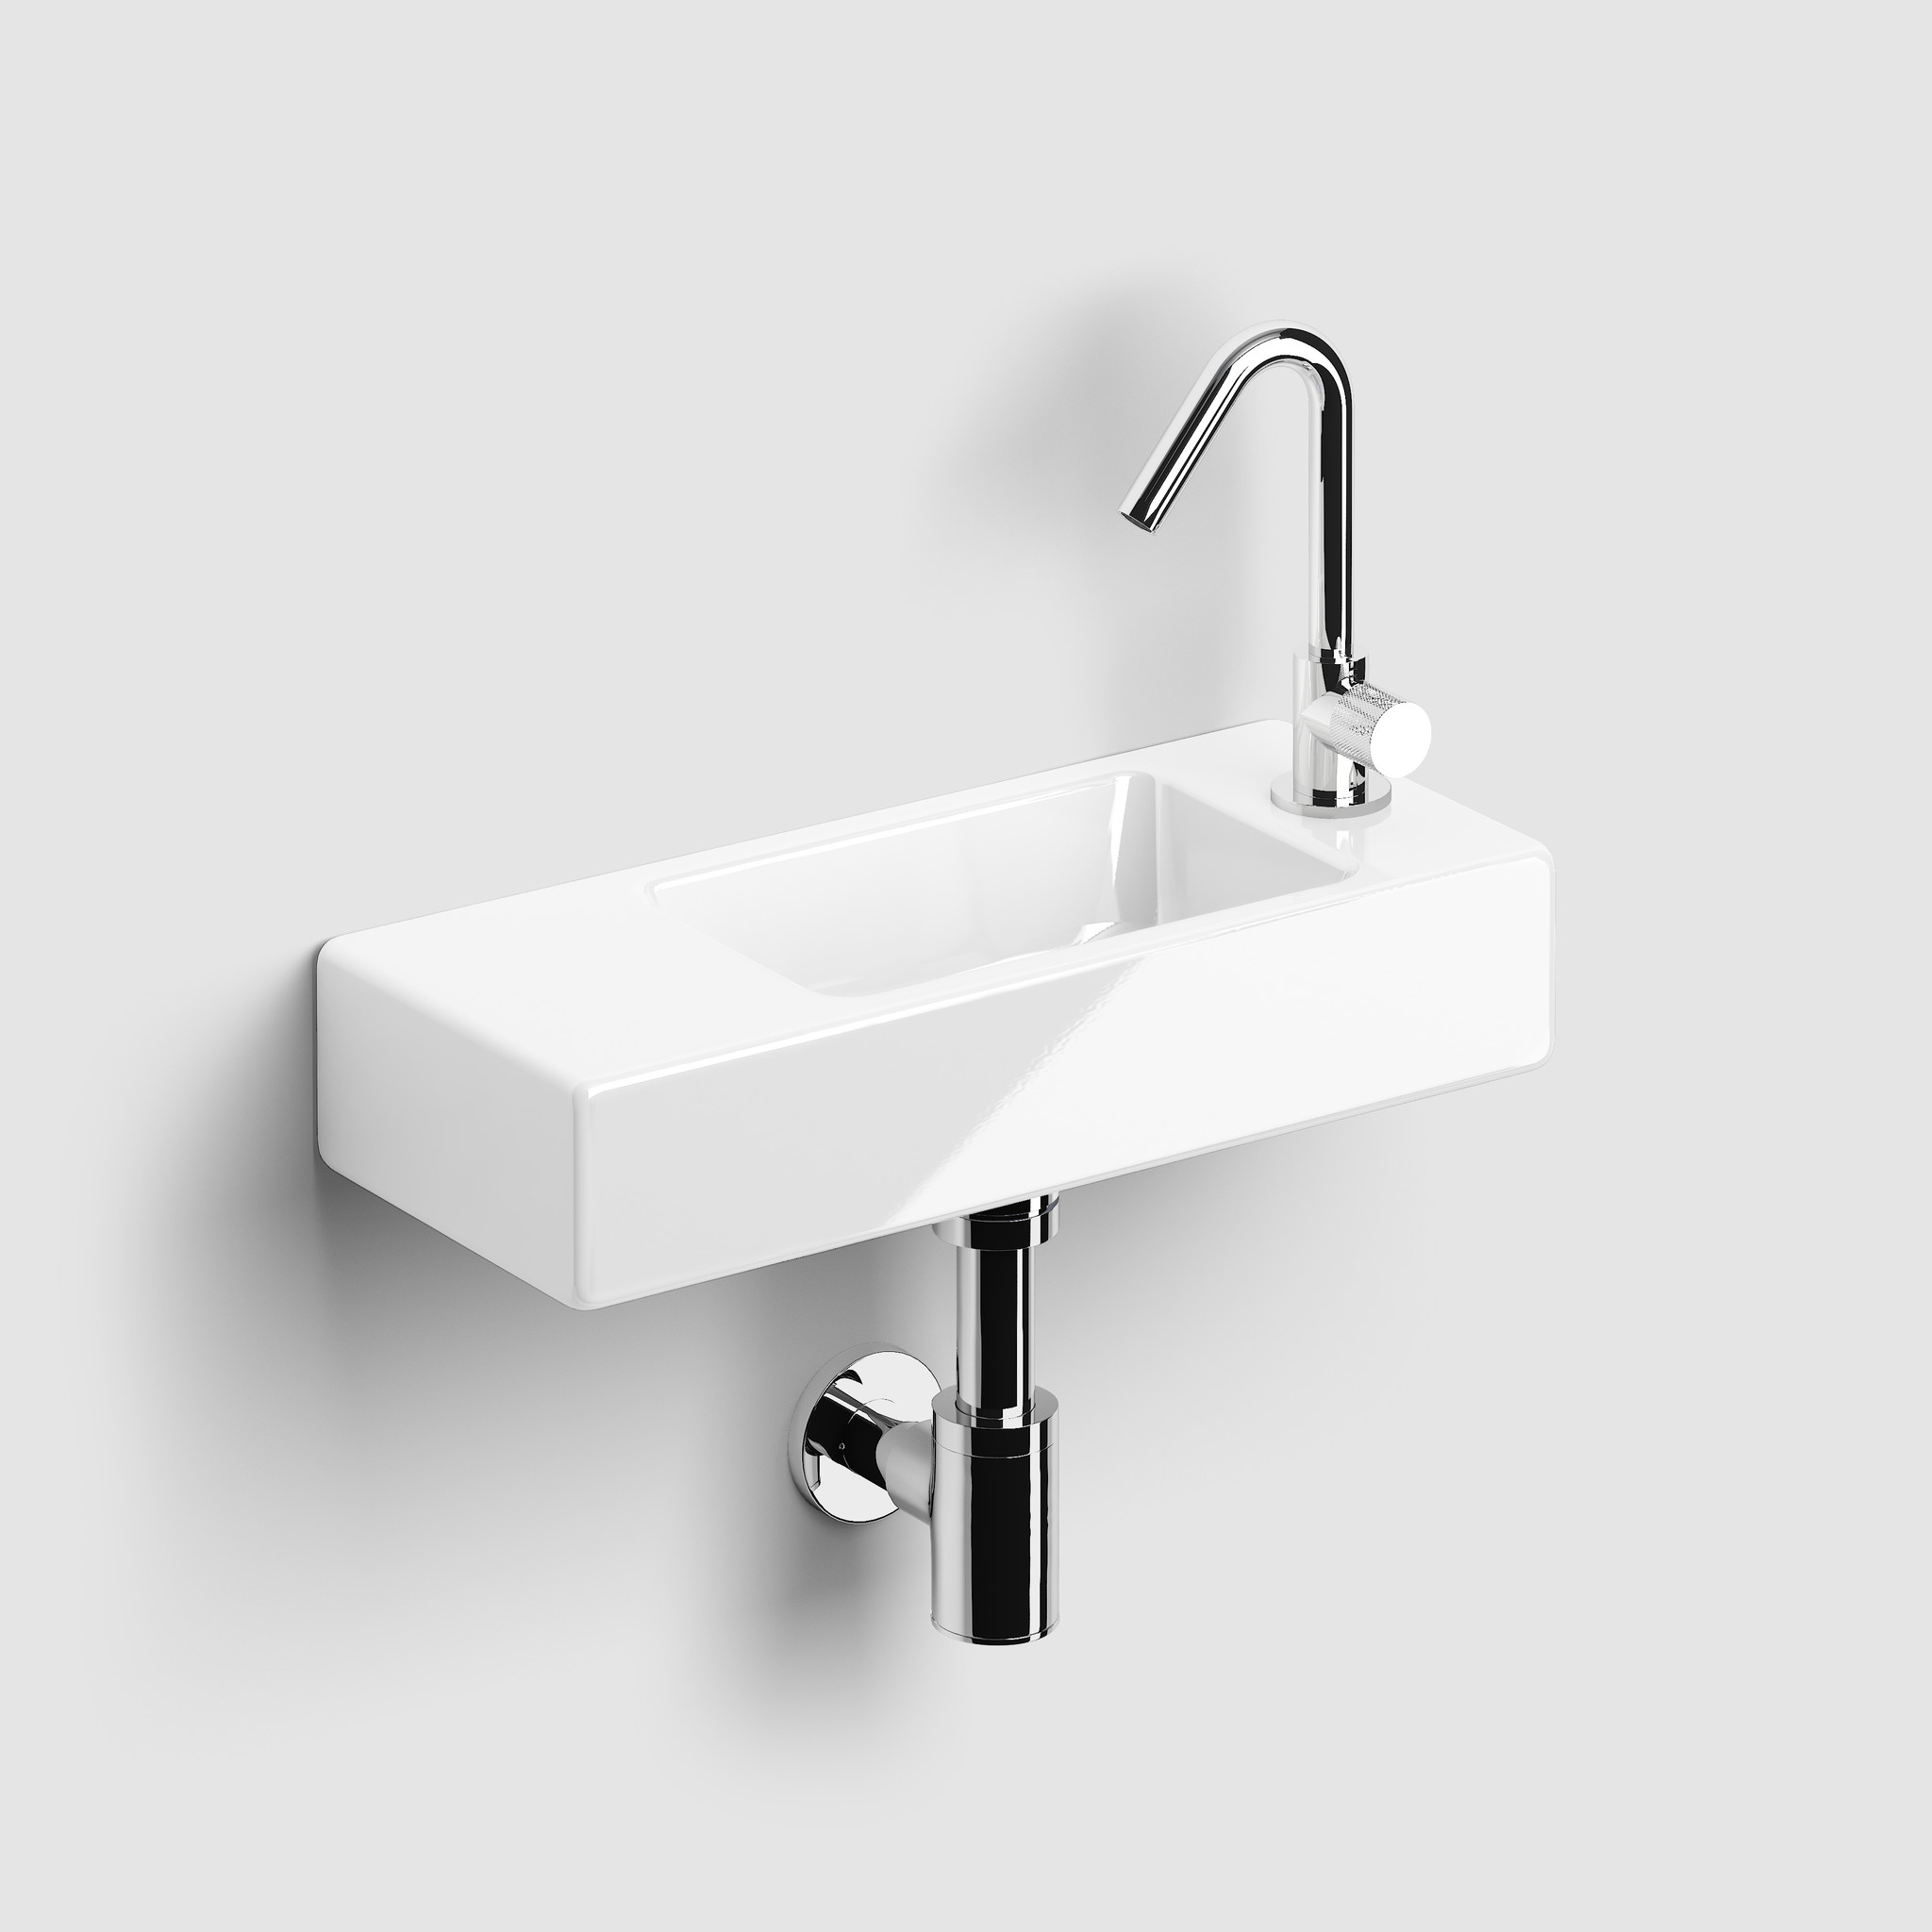 InBe handbasin set 4